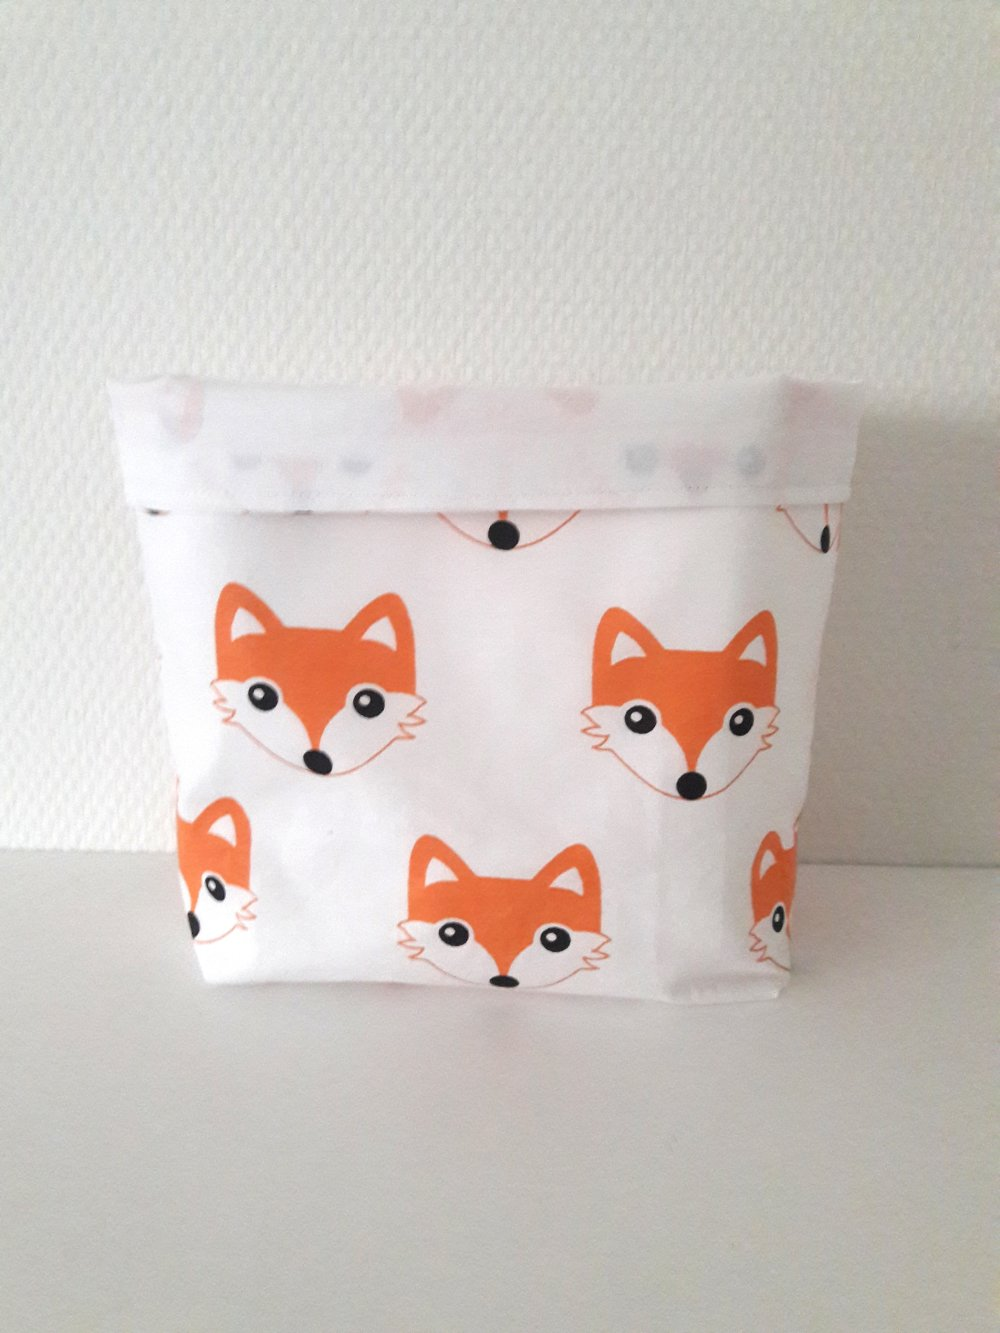 vide poche taille moyenne motif des renards sur fond blanc intérieur blanc panière de rangement